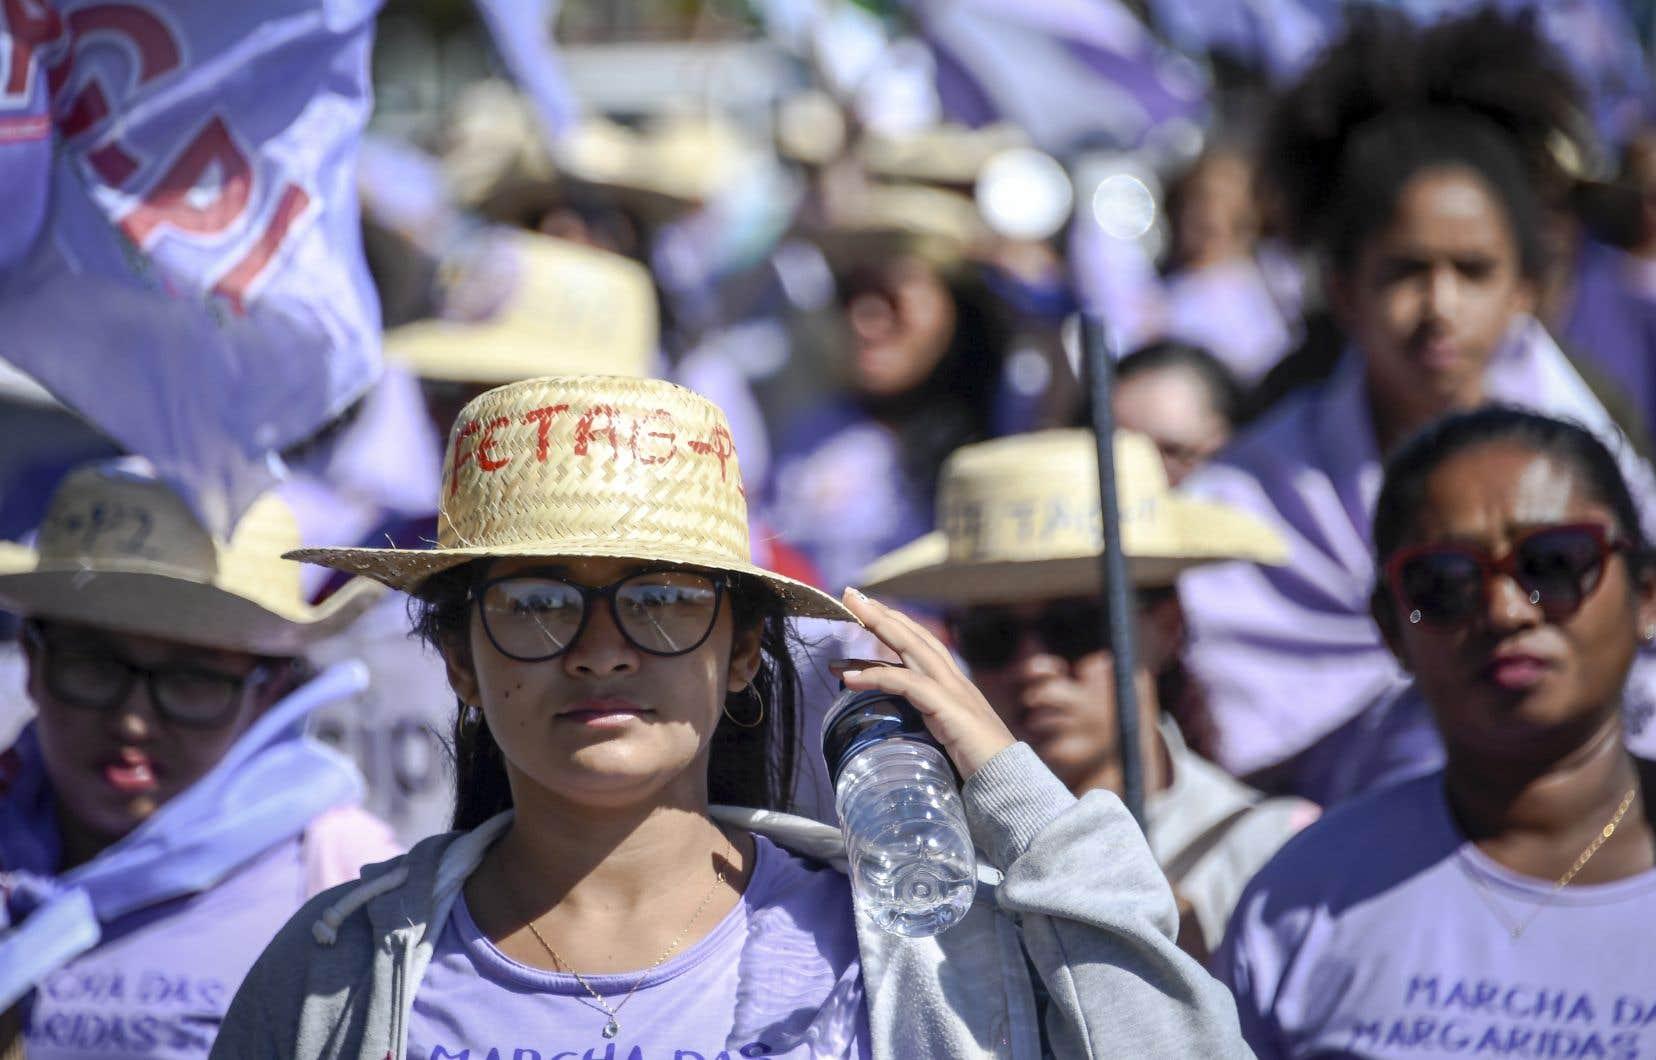 La majorité des manifestantes portaient des fleurs, des chapeaux de paille et des vêtements violets, couleur symbolique de cette marche de protestation.